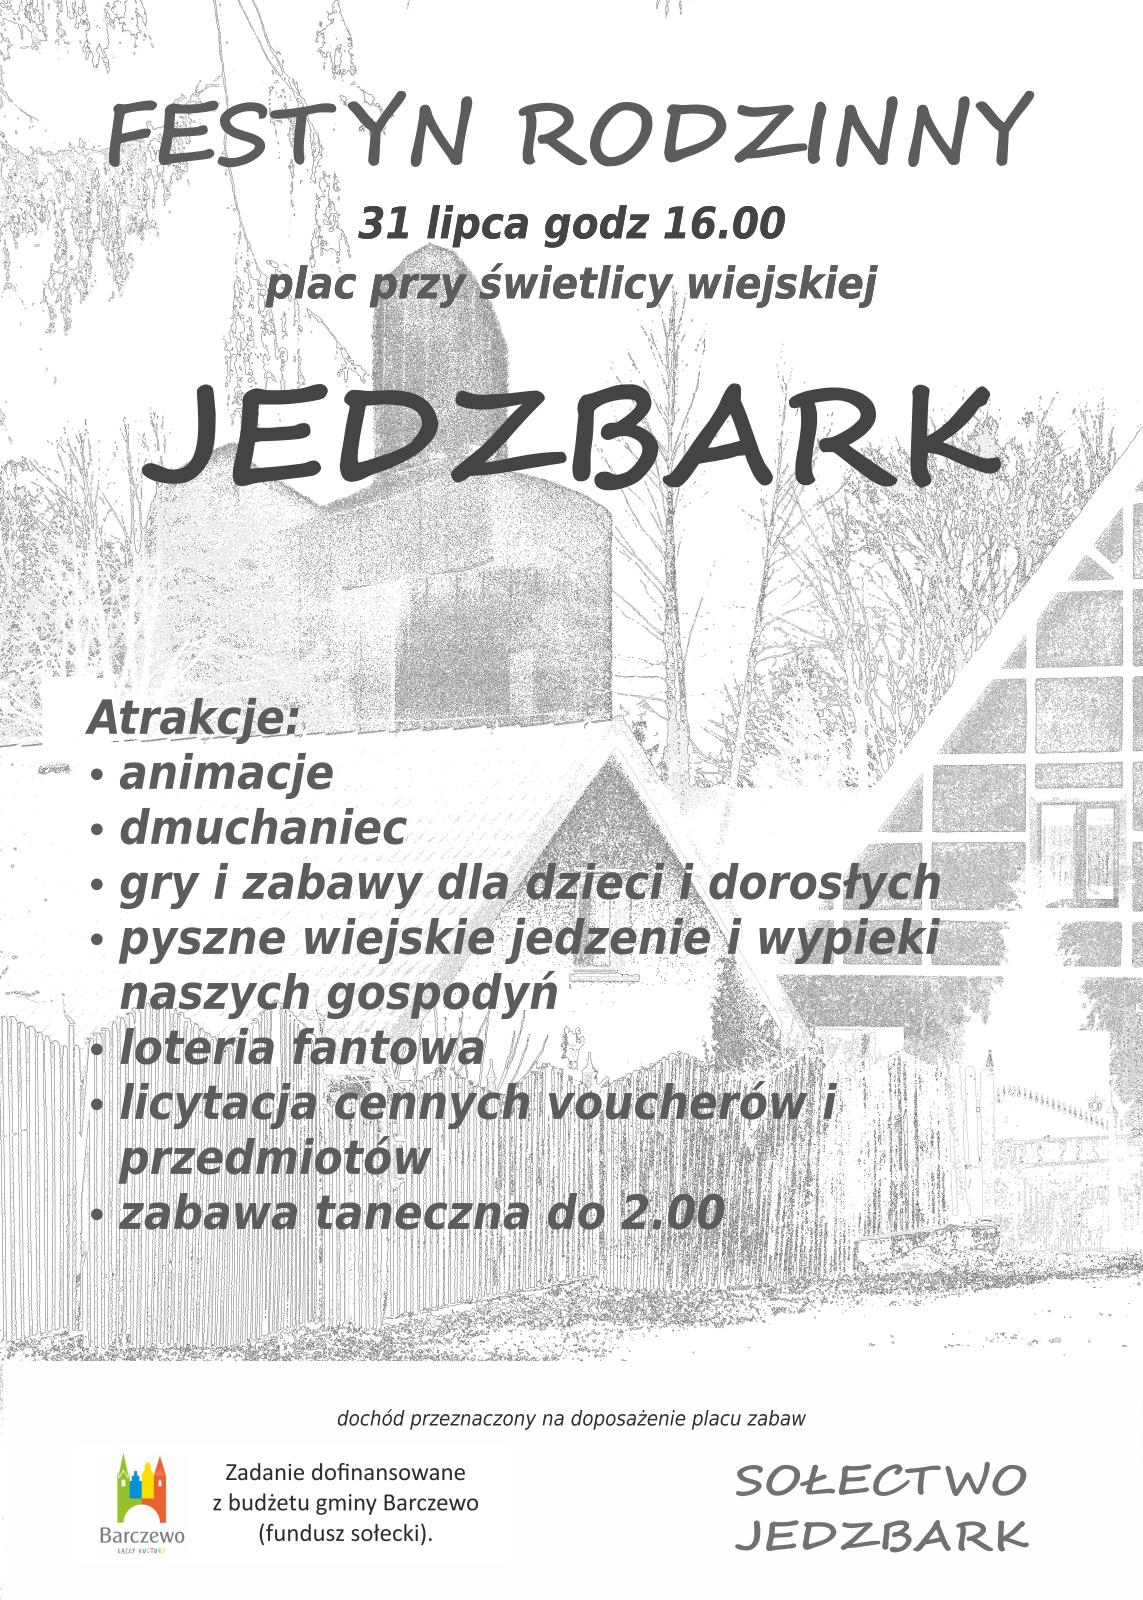 Festyn Rodzinny w Jedzbarku